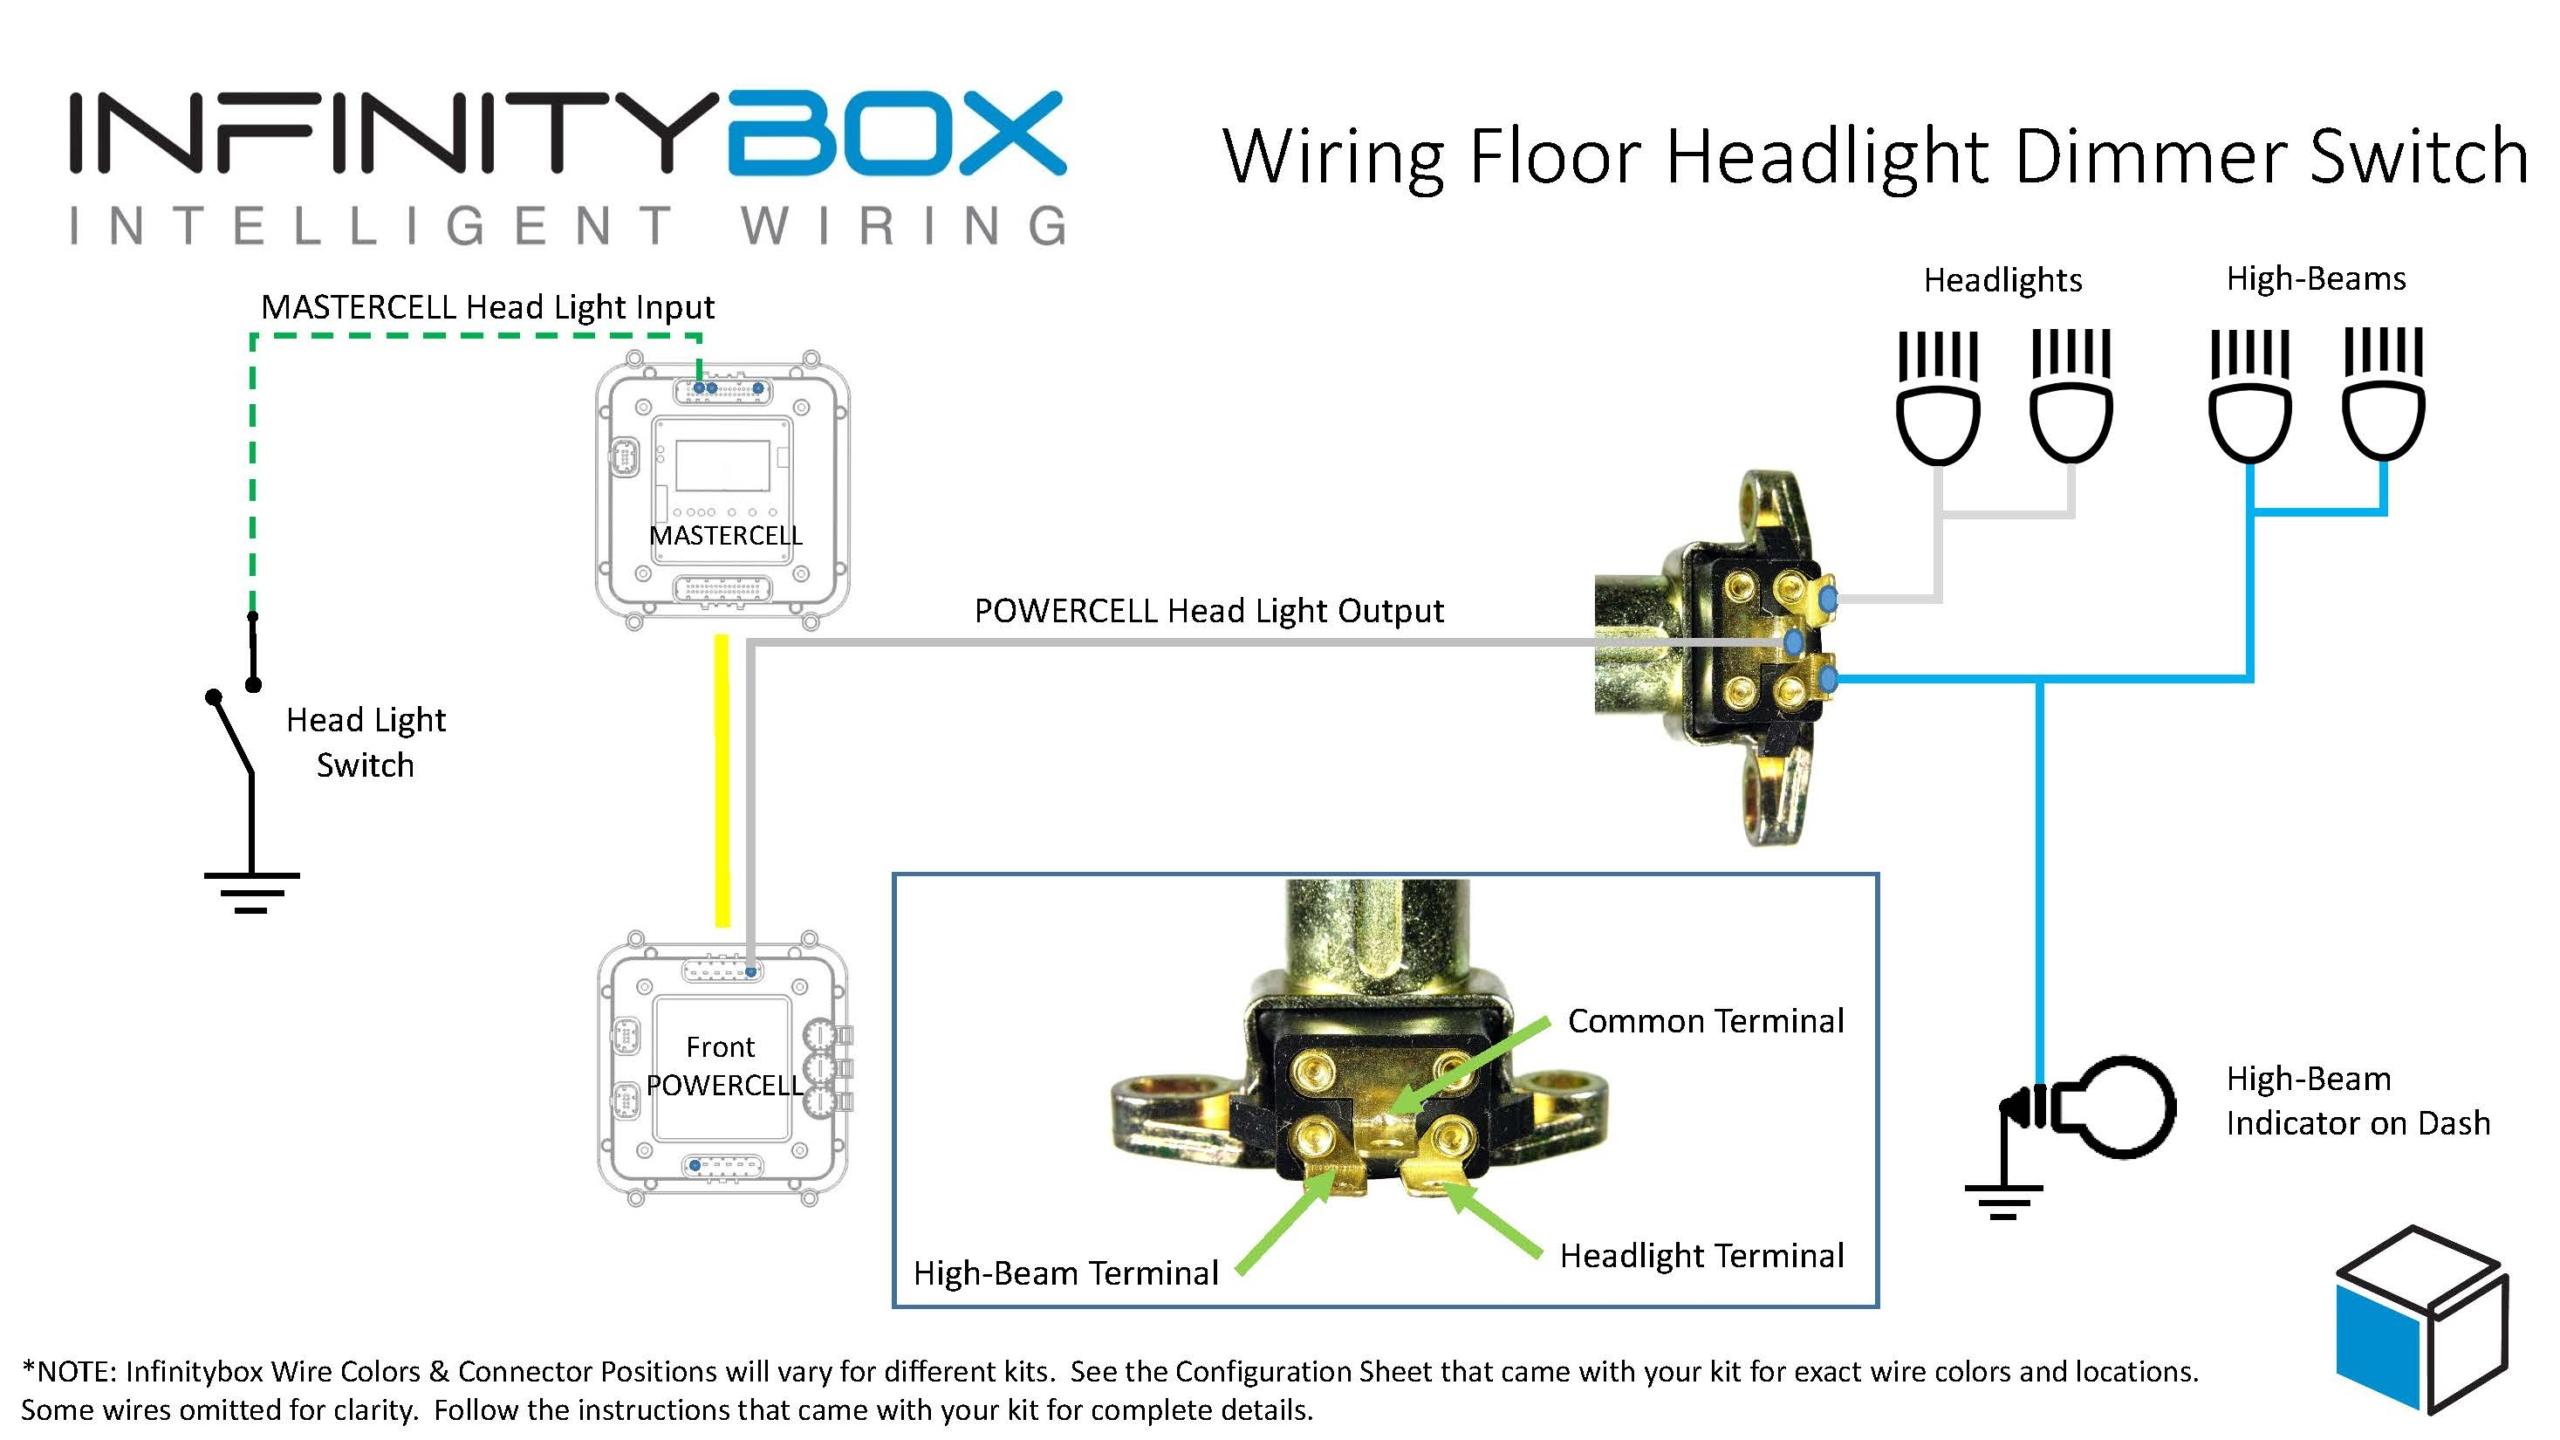 lighting archives - infinitybox  infinitybox